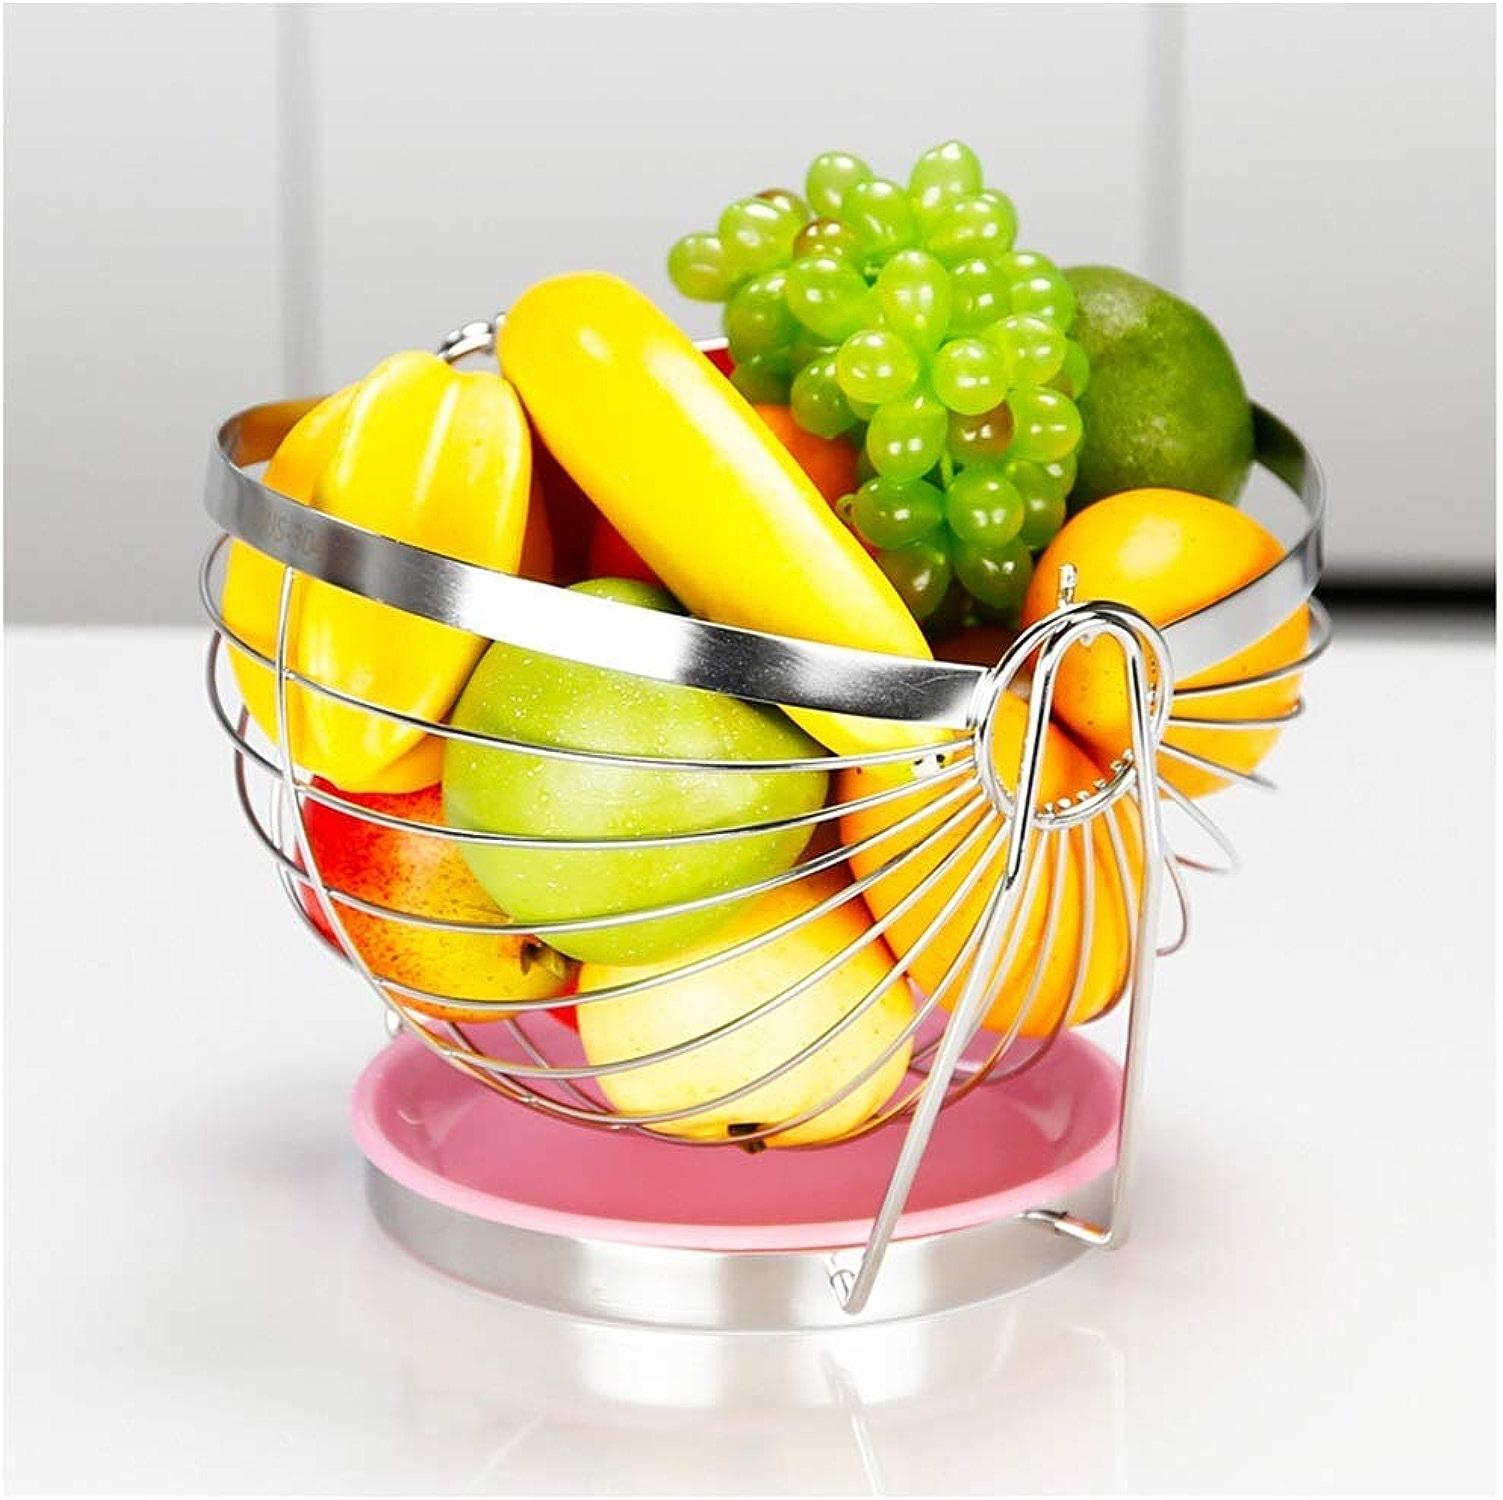 KISlink Panier de Fruits en Acier Inoxydable Salon Bol de Fruits Panier de Fruits Panier de vidange Plaque de Bonbons pour Panier de Drainage